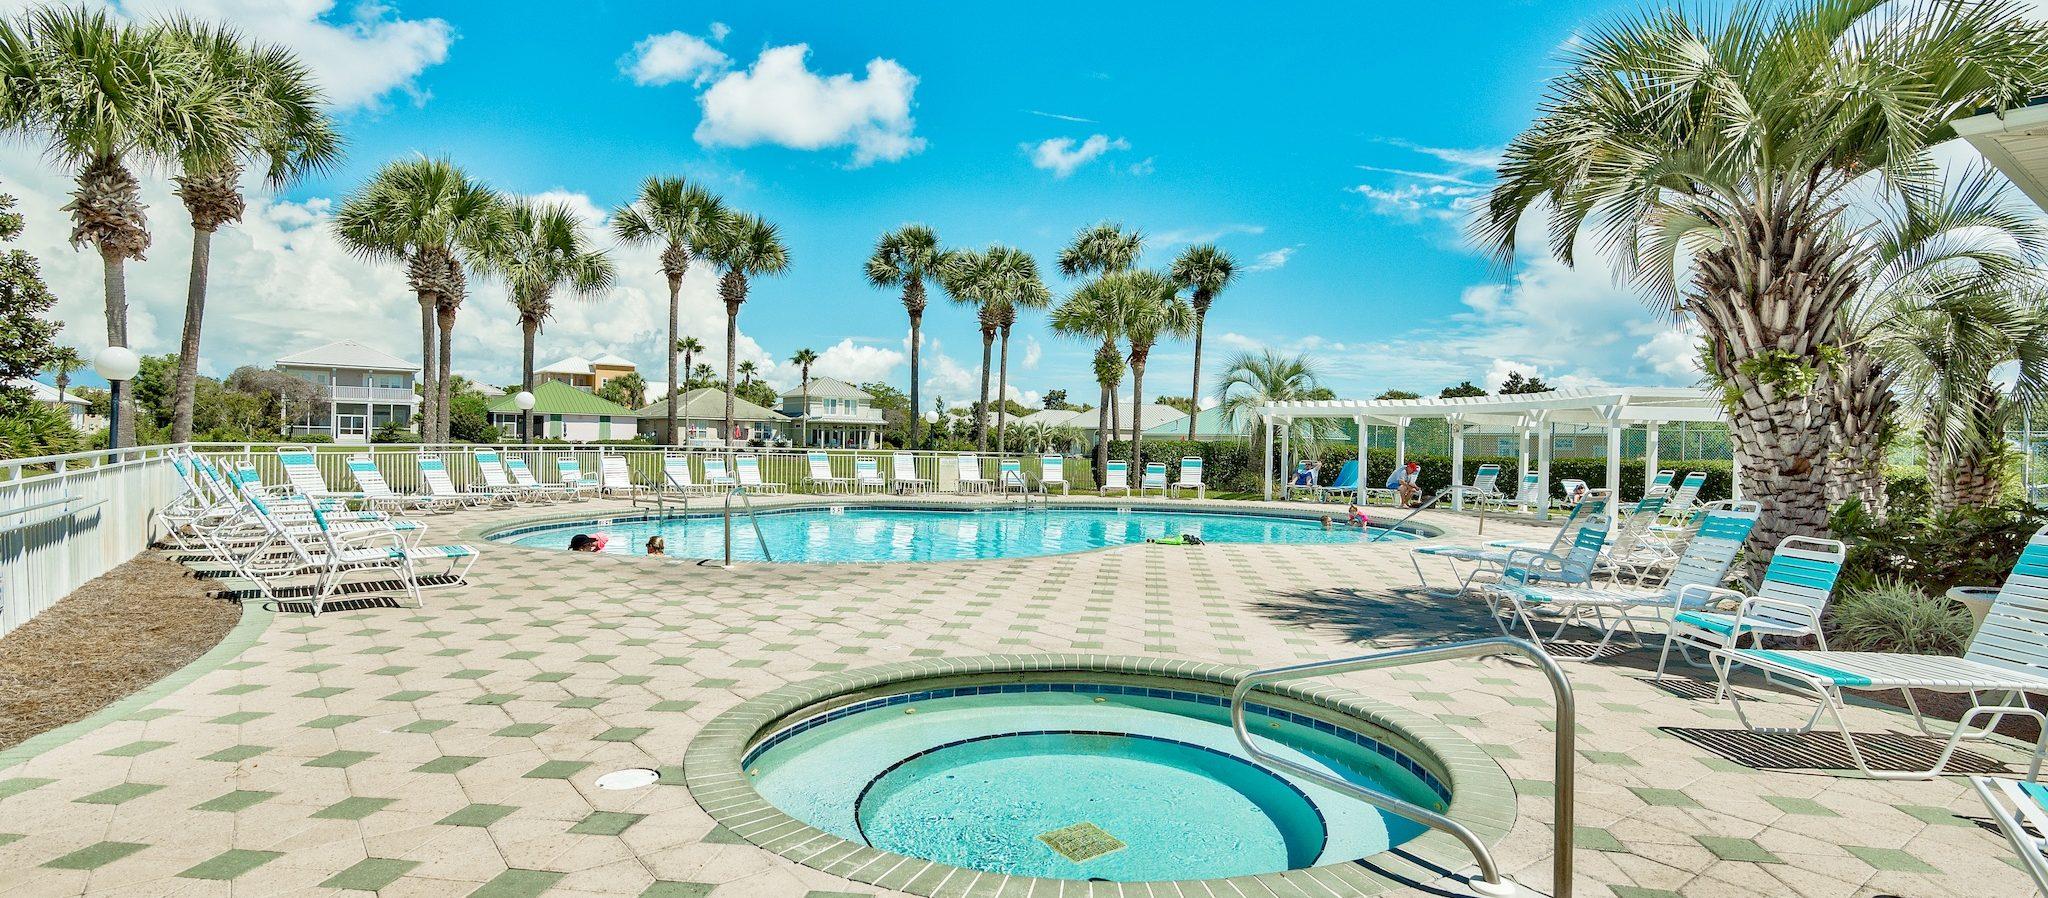 Photo of the pool and hot tub at Maravilla.